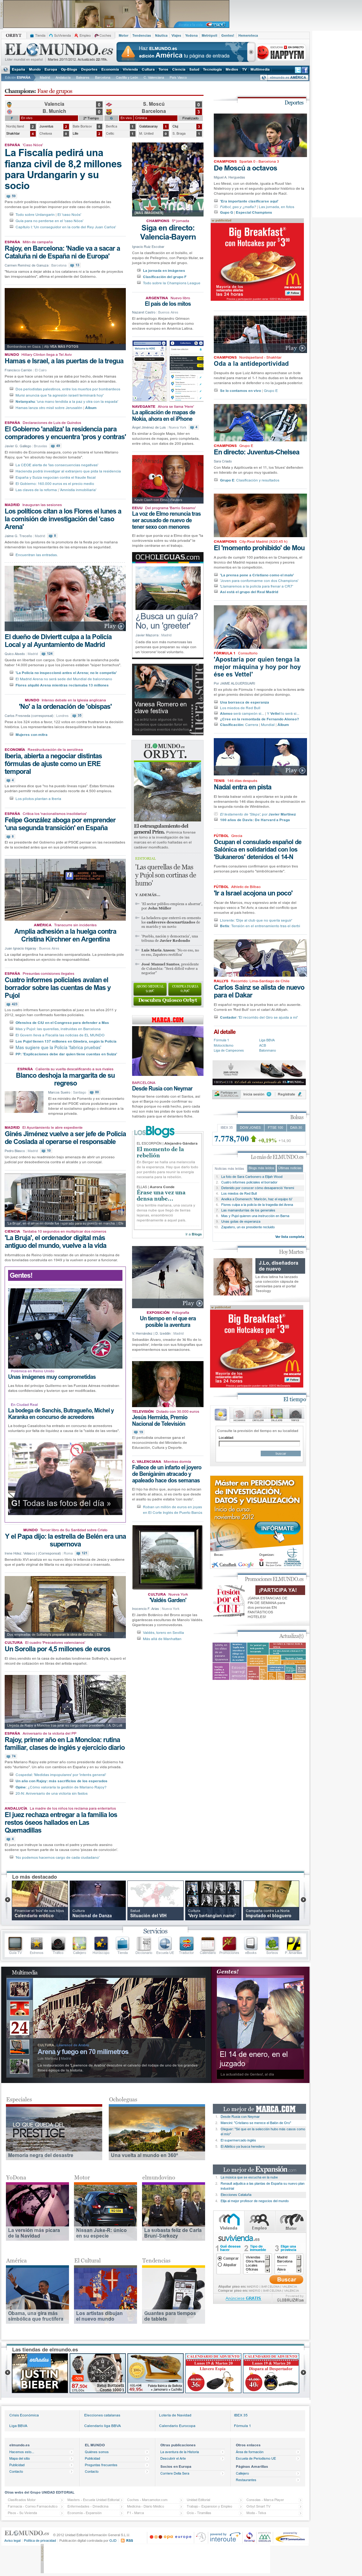 El Mundo at Tuesday Nov. 20, 2012, 9:21 p.m. UTC